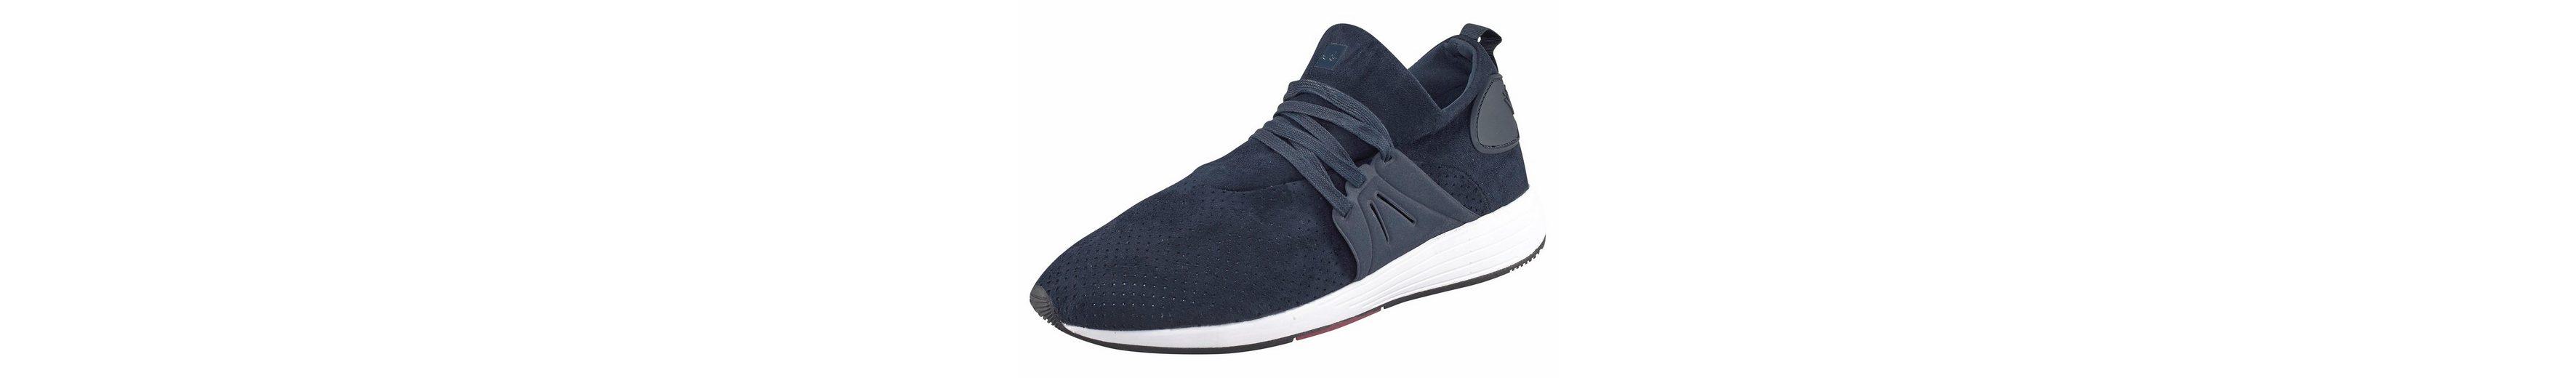 Spielraum Kosten Günstig Kaufen Nicekicks PROJECT DELRAY Wavey Sneaker Billigste Online Kostenloser Versand Kühl Einkaufen y4q6nB